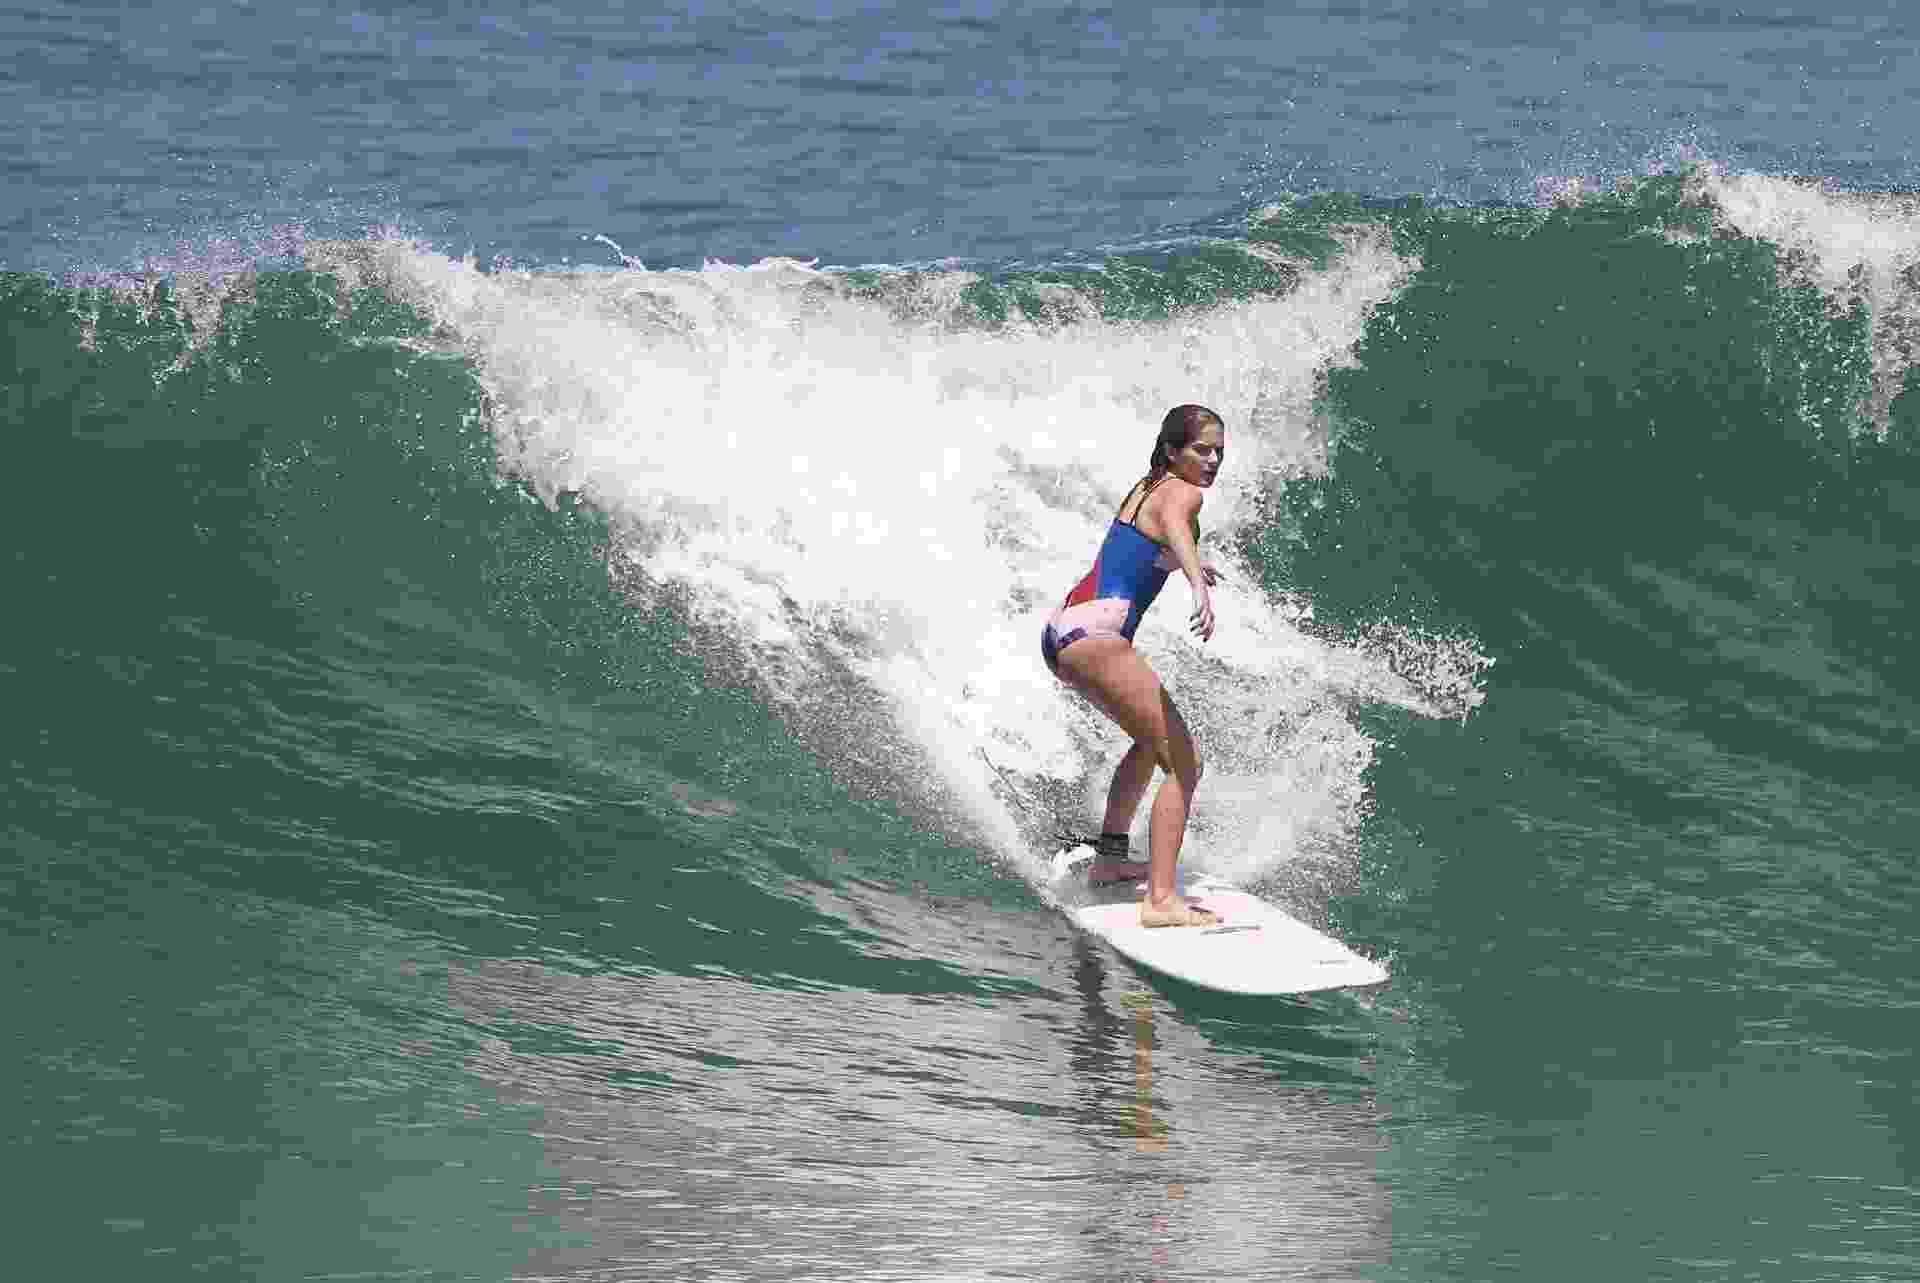 Parece que o surfe conquistou mesmo Isabella Santoni. Na tarde desta terça-feira (2), ela aproveitou o calor para praticar o esporte em uma das praias mais frequentadas pelos surfistas do Rio: a praia da Macumba. A atriz mostrou que já tem habilidade com a prancha - AgNews/Dilson Silva